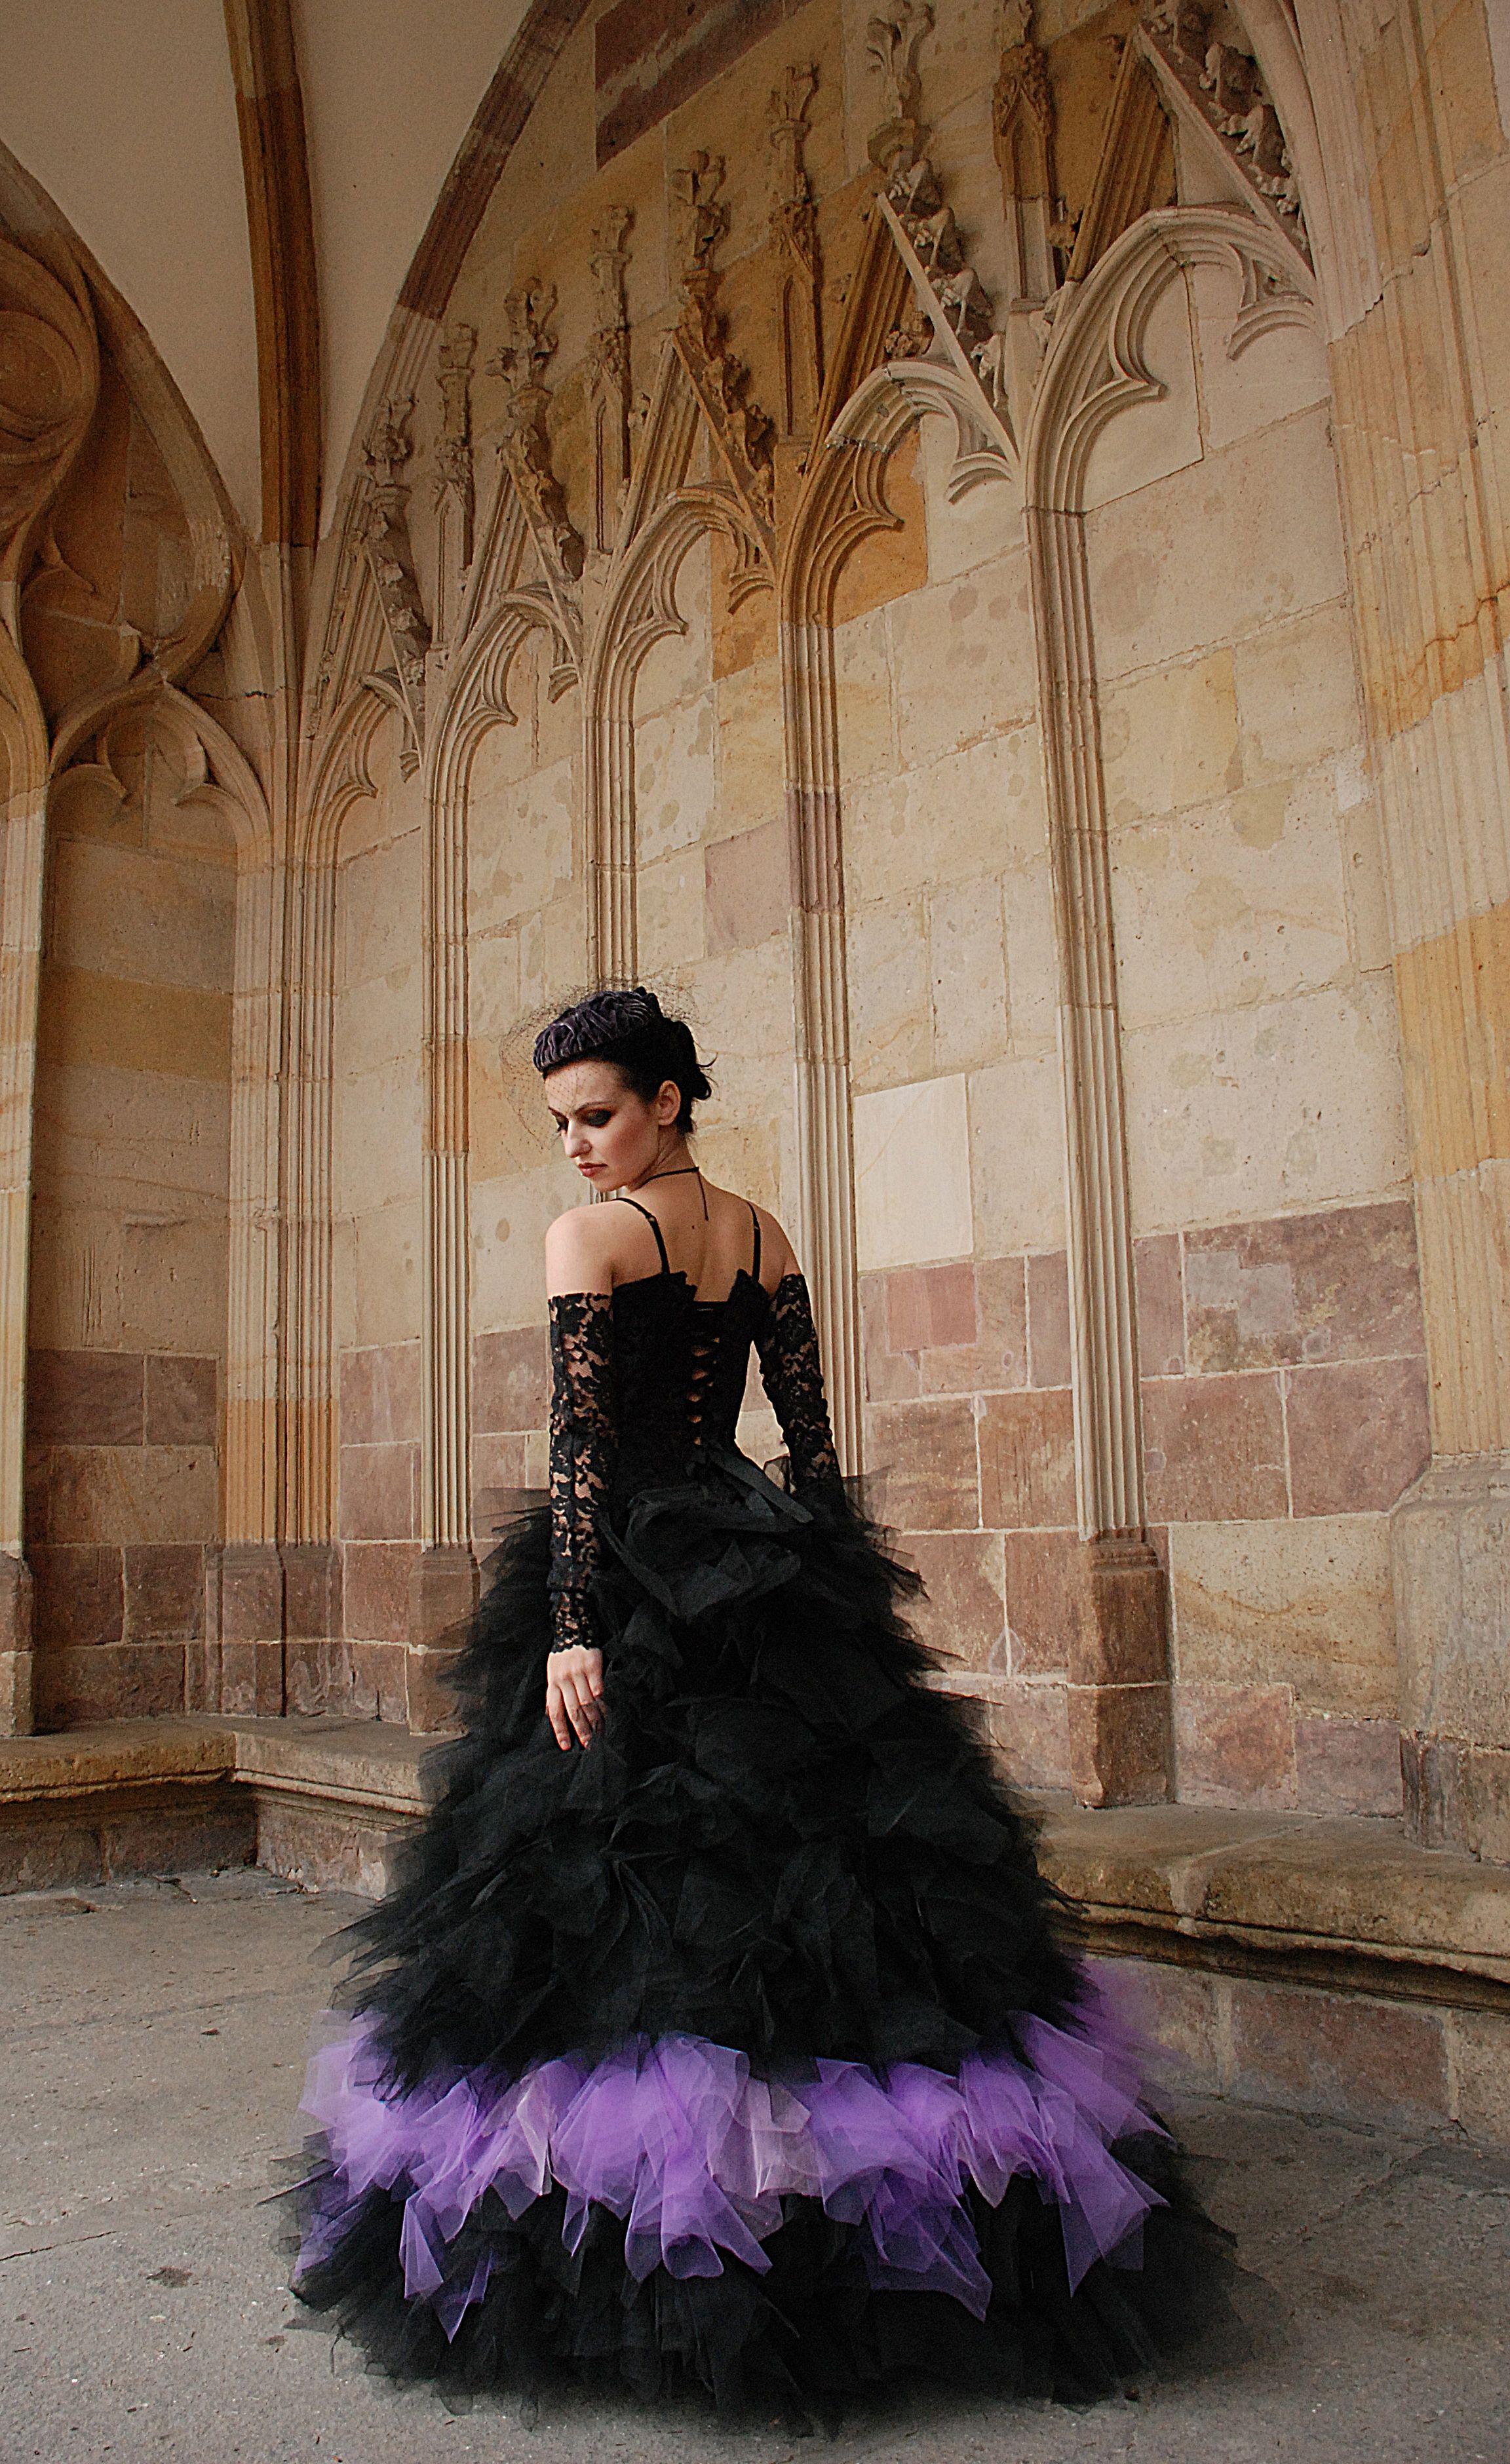 Dress Dark Gothic Lady Black Gothic Etsy Gothic Wedding Dress Goth Prom Dress Purple Wedding Dress [ 3760 x 2304 Pixel ]